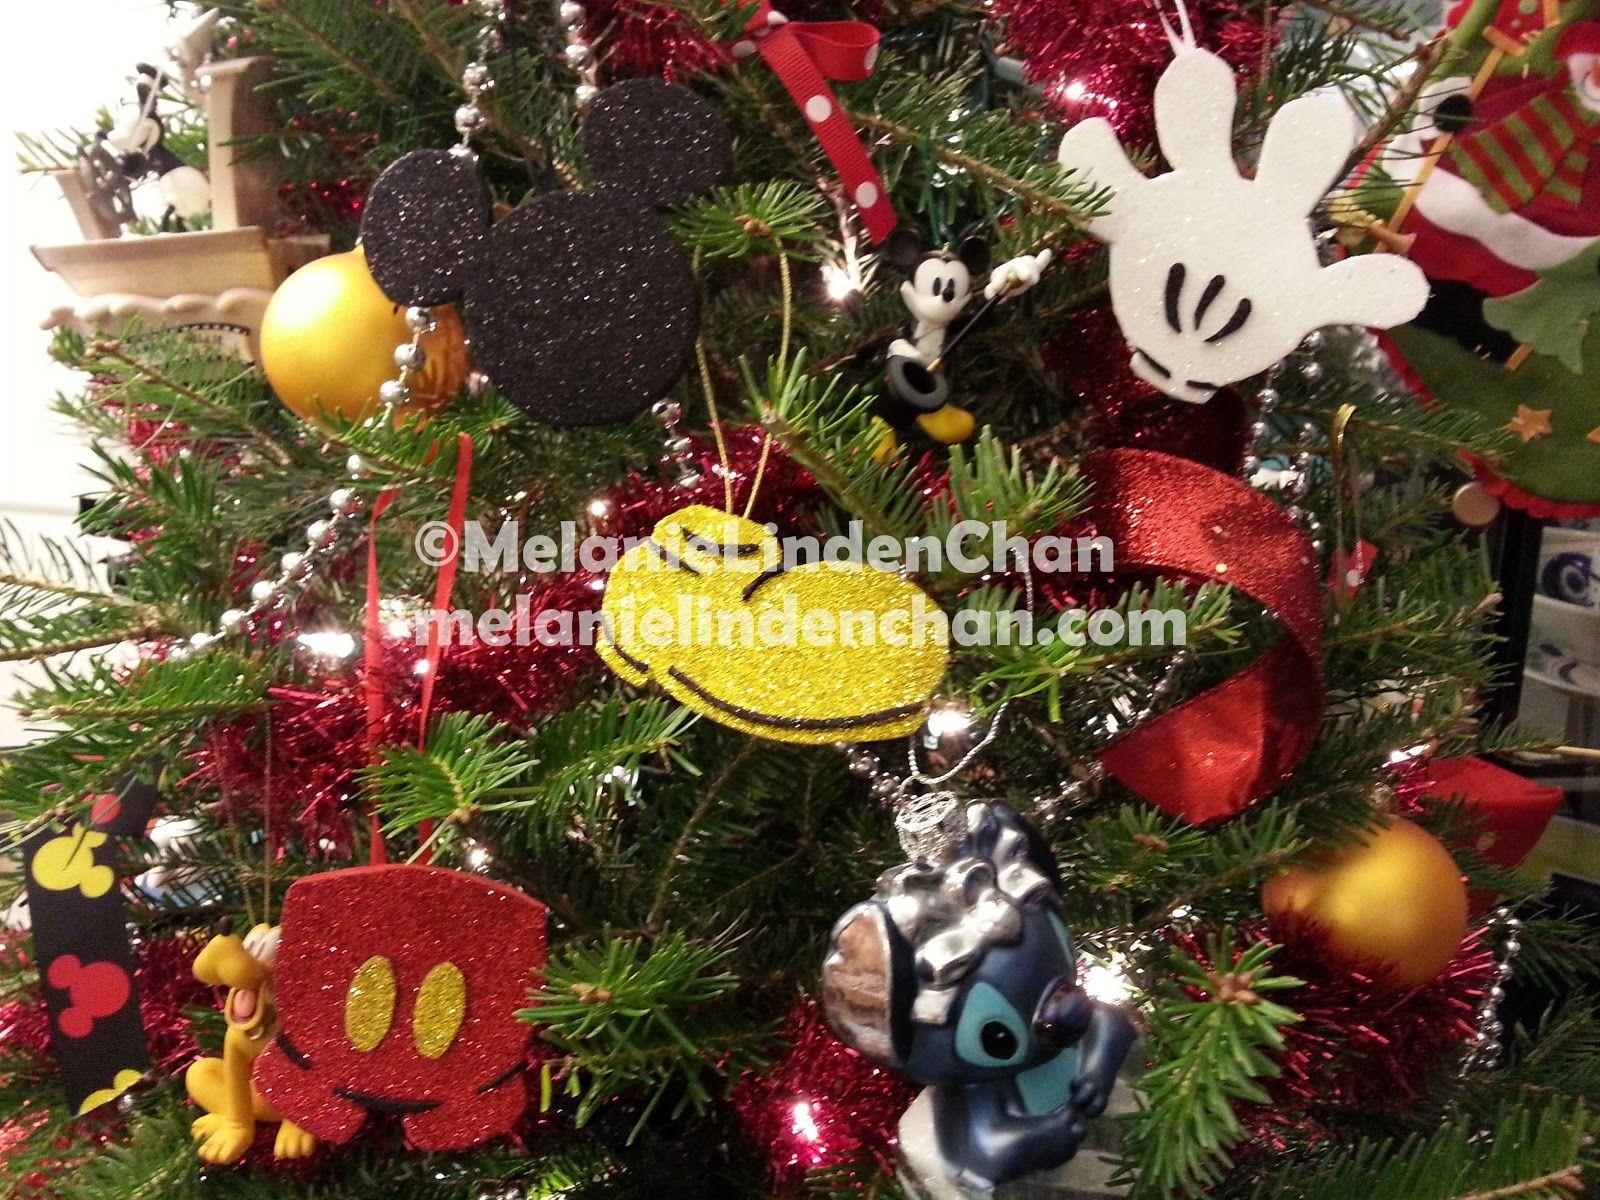 Diy glitter foam sheets mickey mouse ornamentsi also like the diy glitter foam sheets mickey mouse ornamentsi also like the hanging beads solutioingenieria Gallery